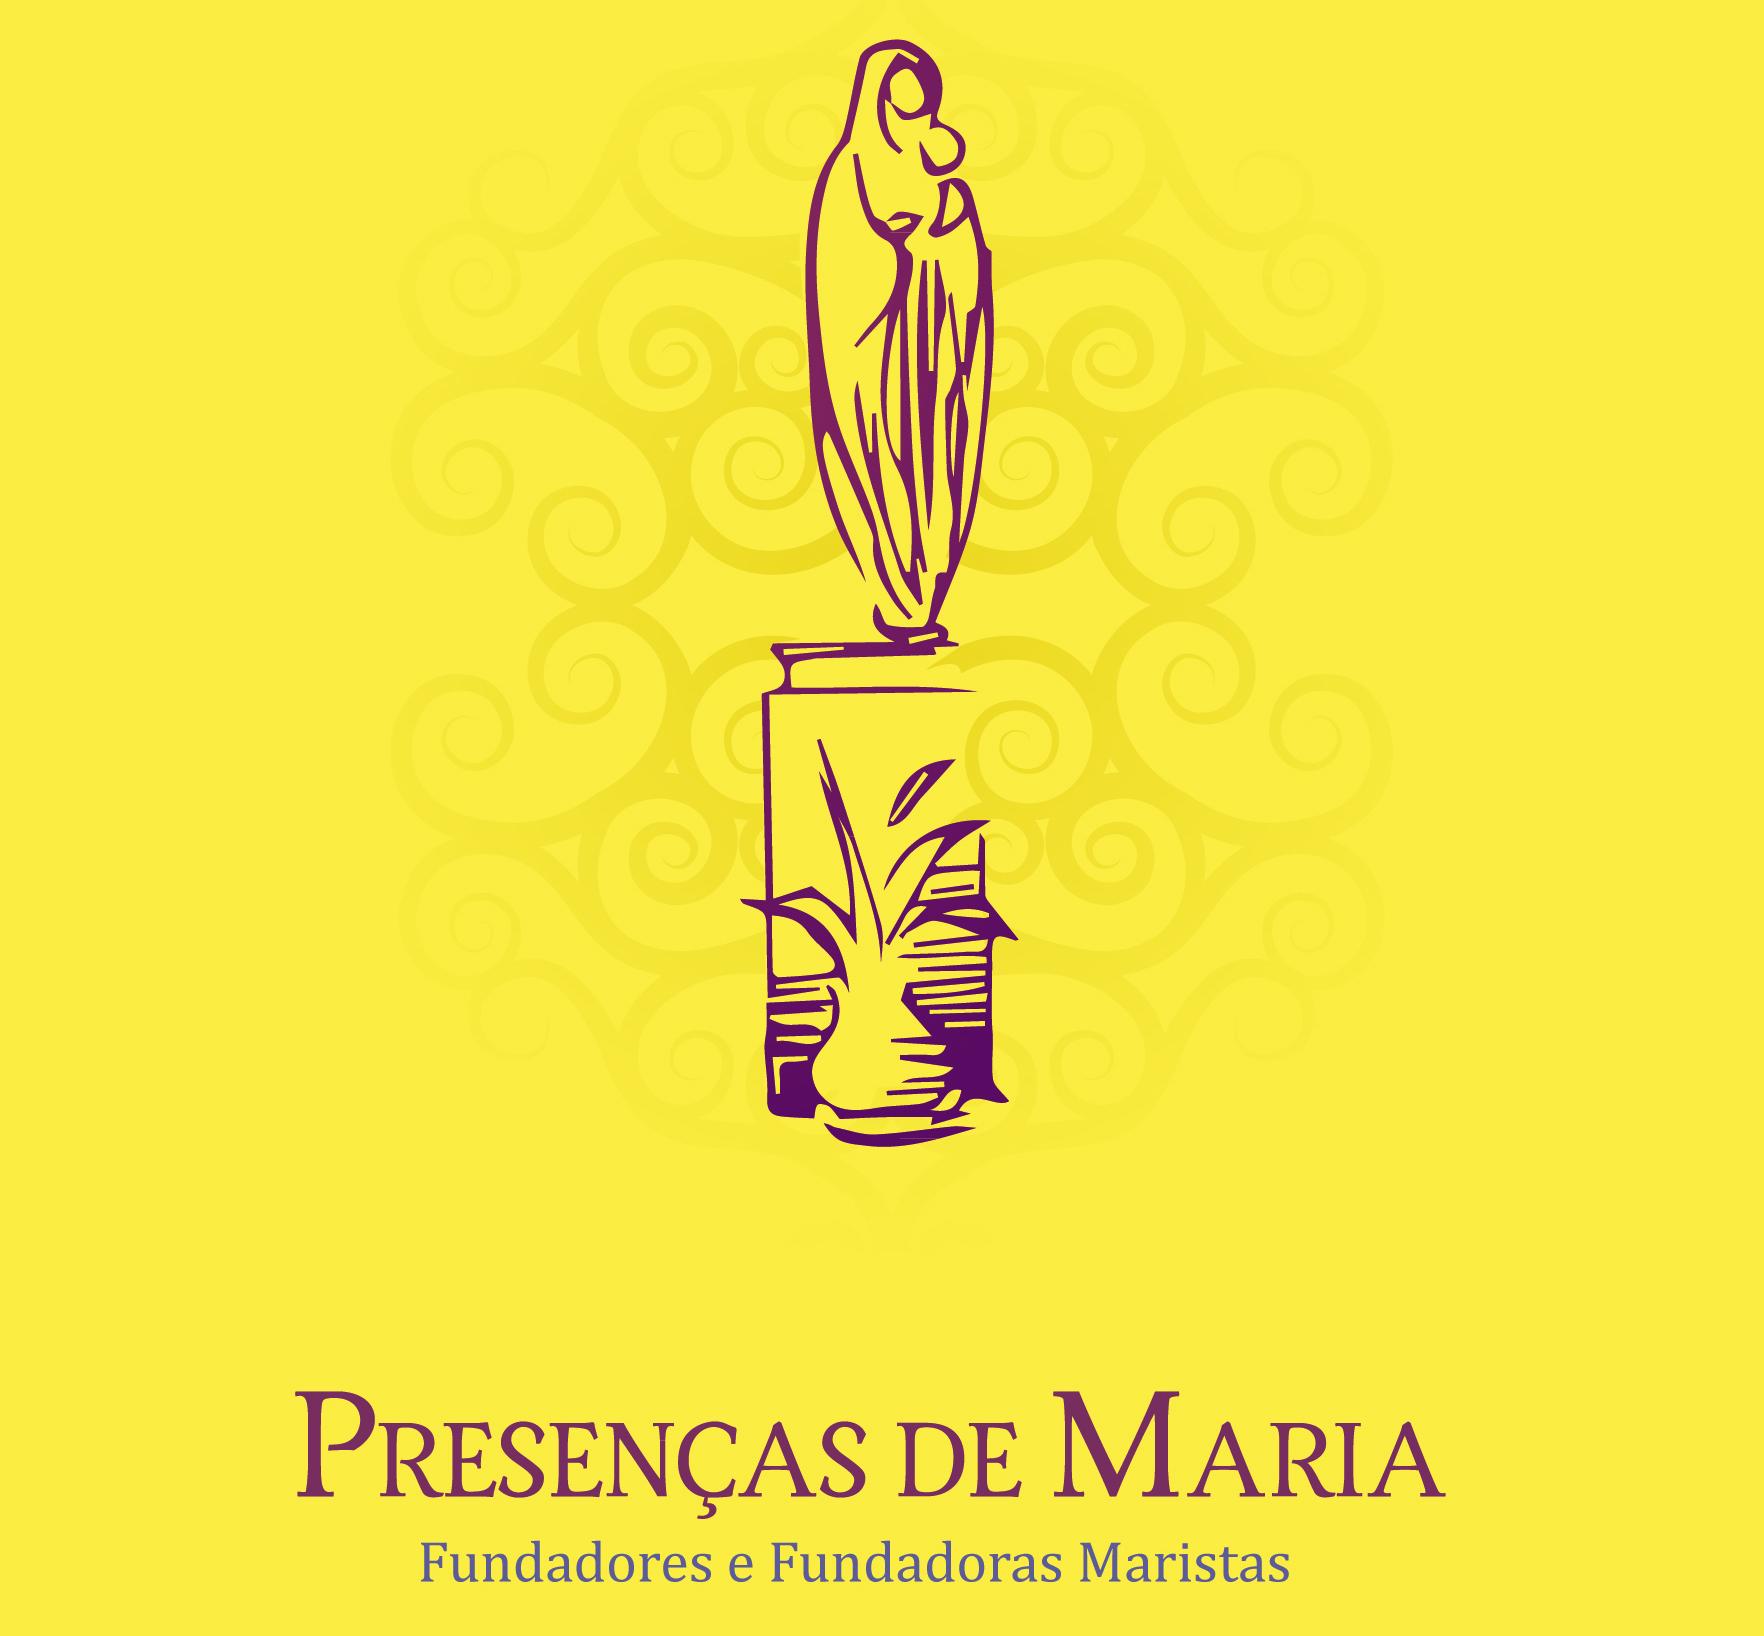 capa_presenças_de_maria_(v03)